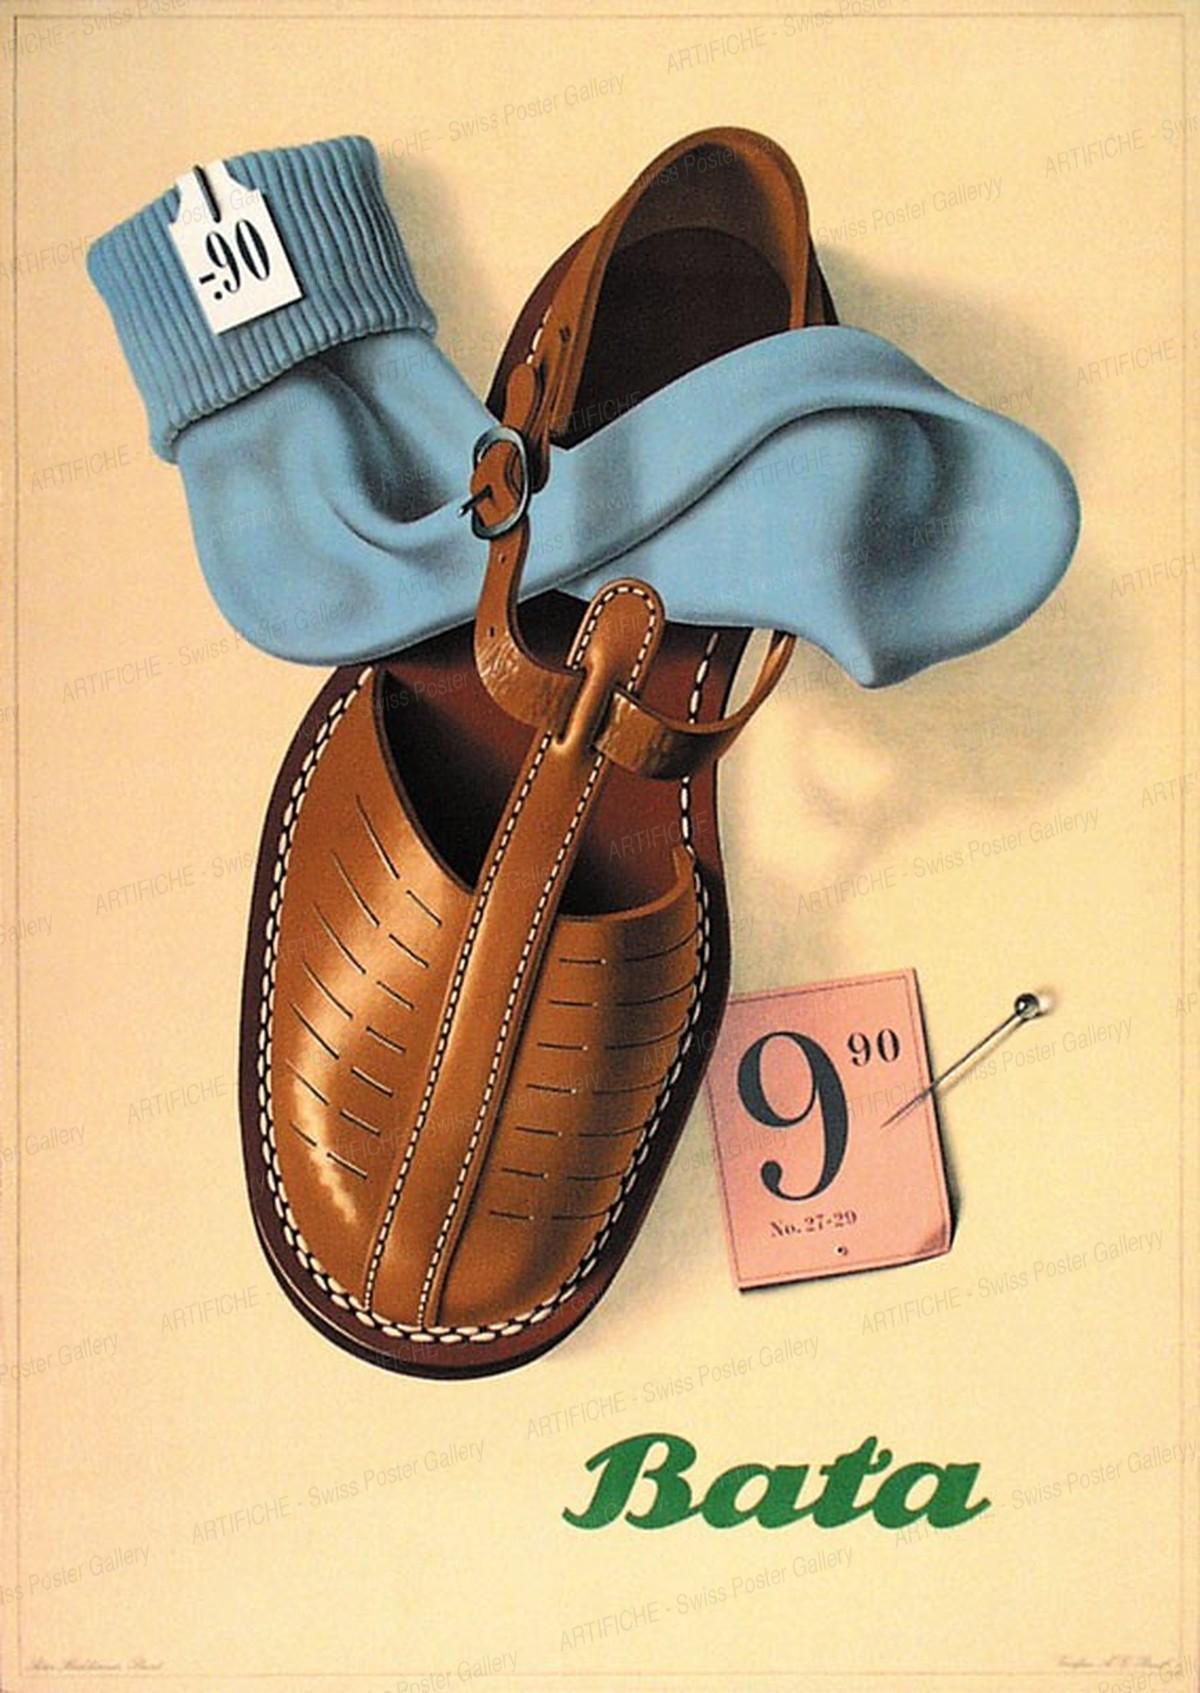 Bata – Sandale mit Socken – 9.90, Peter Birkhäuser